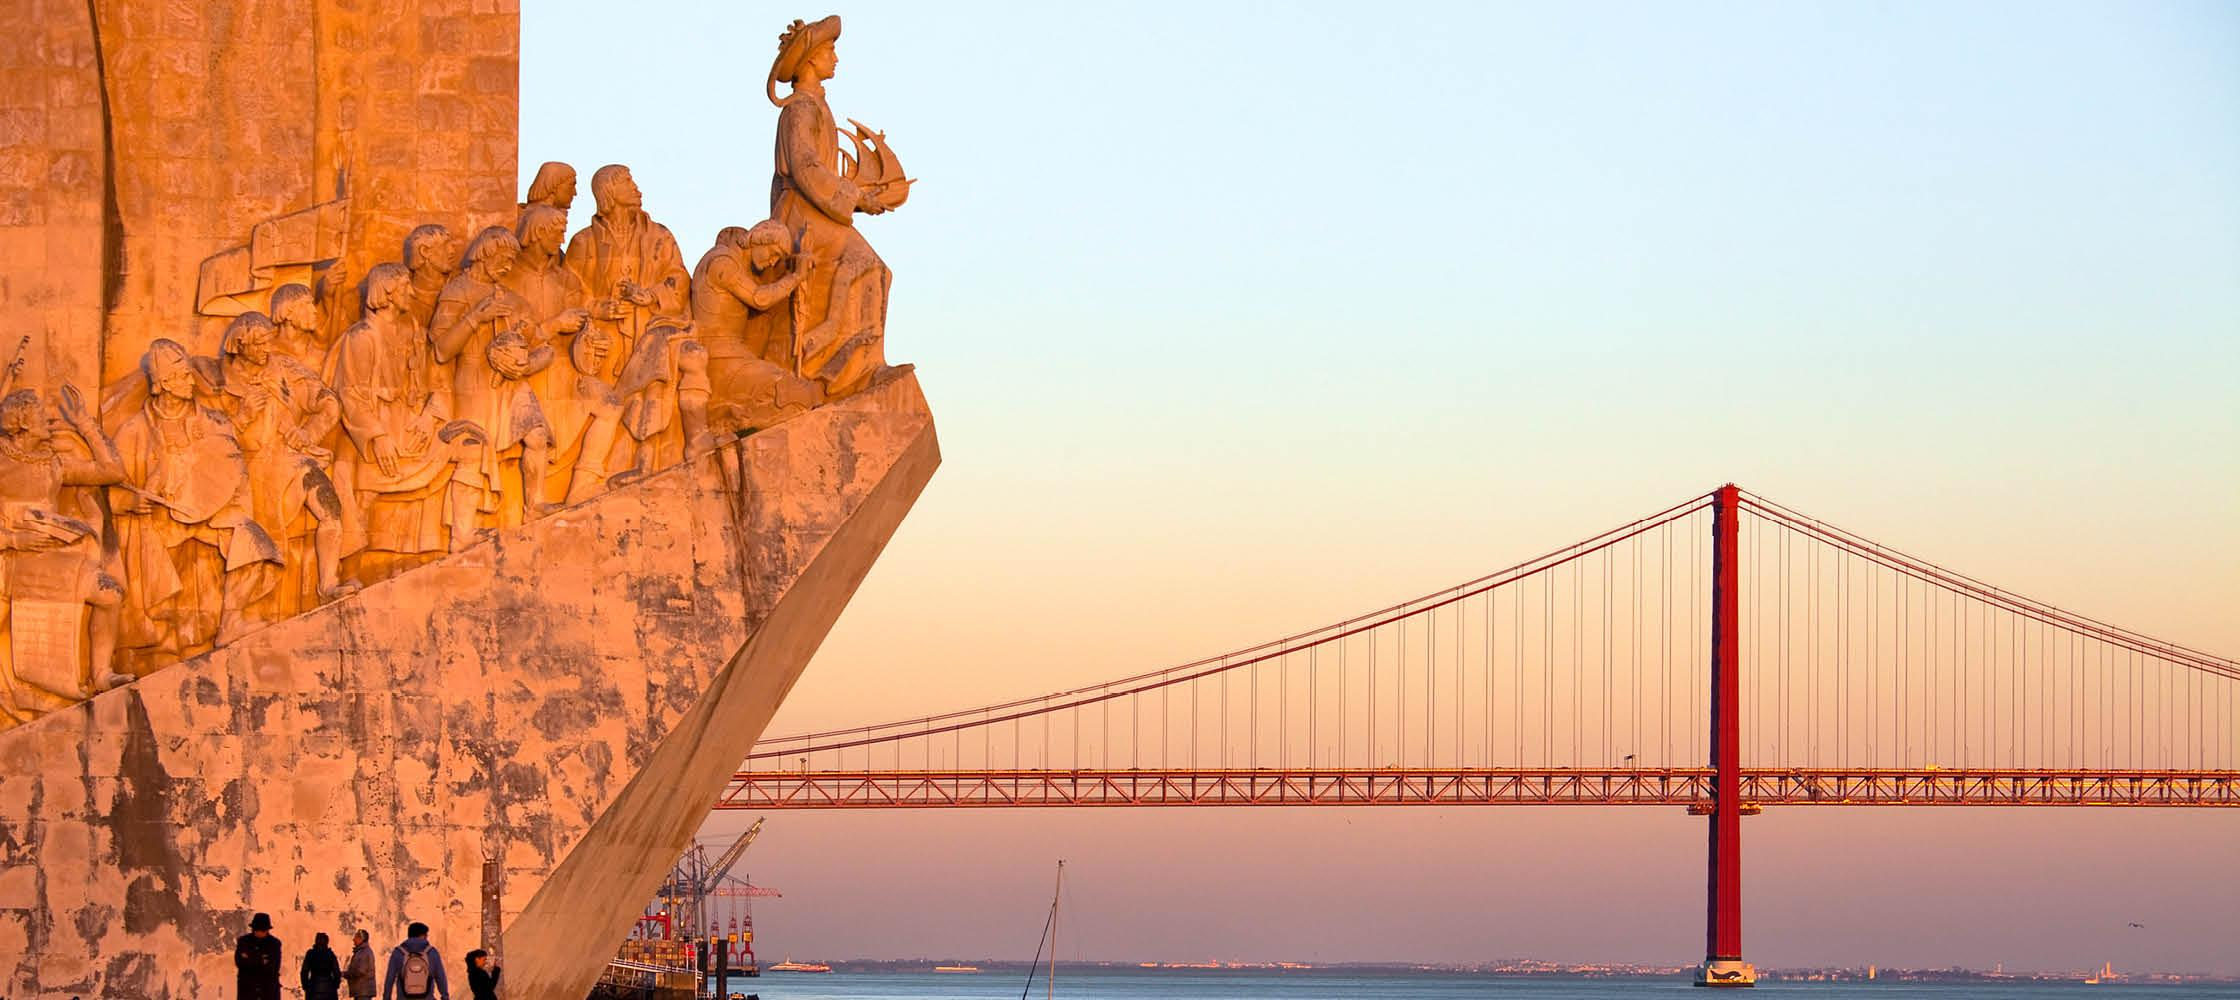 Opdagernes monument og 25. april-broen